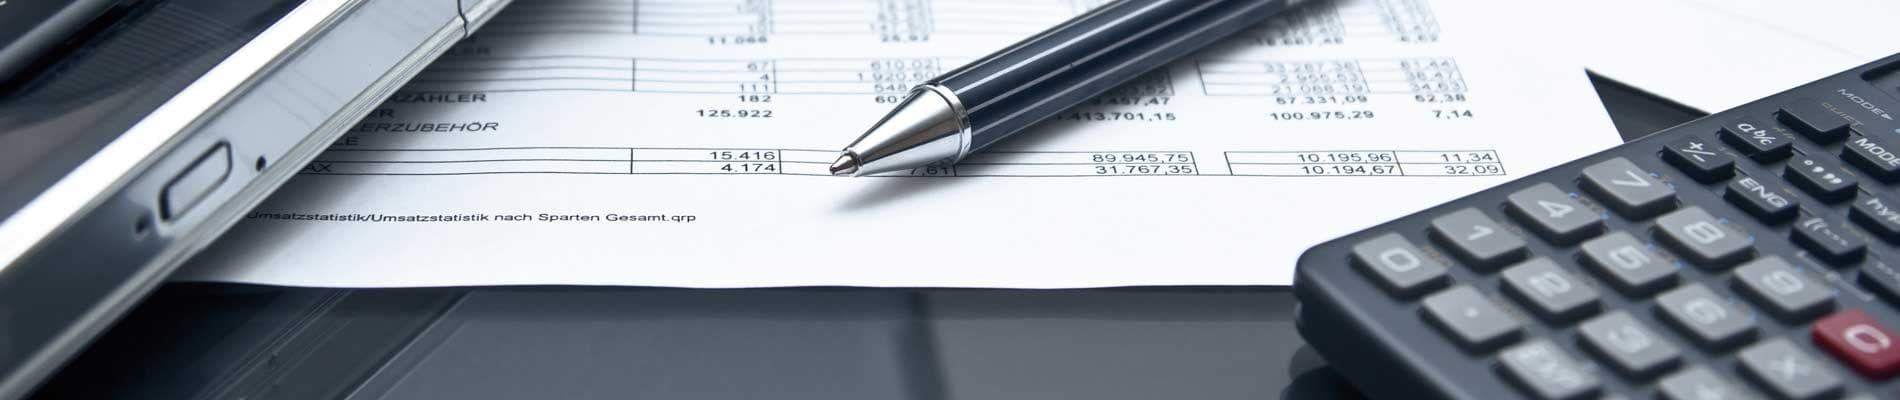 Fiscalitat i comptabilitat